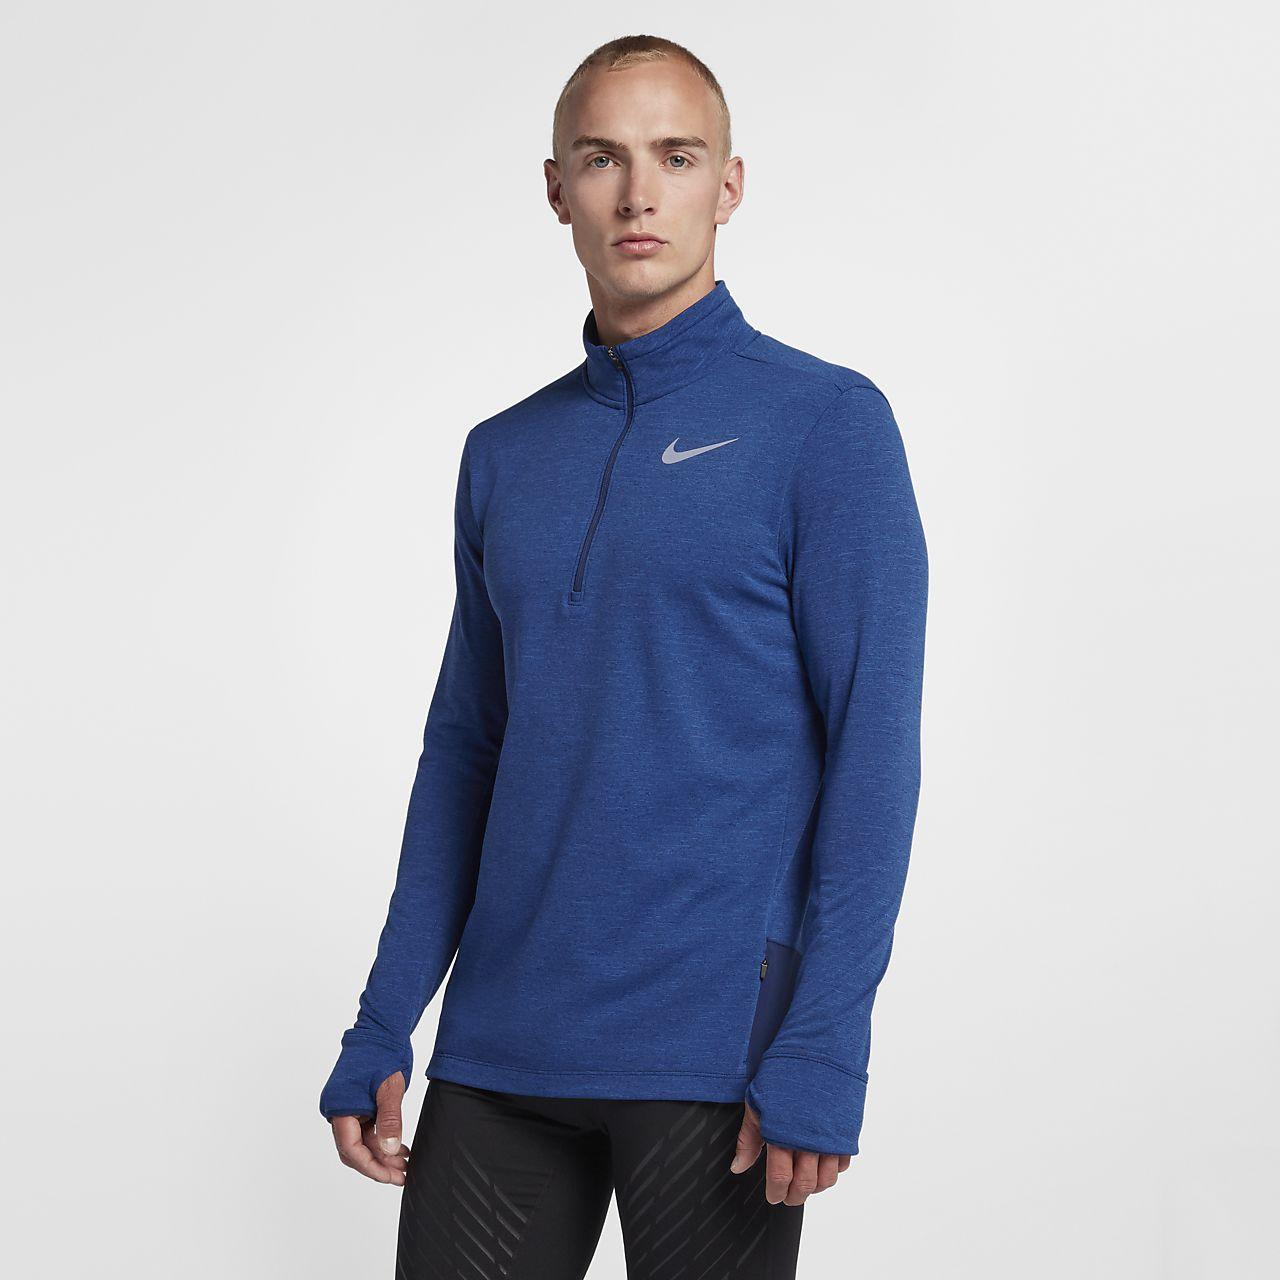 Löpartröja med halv dragkedja Nike Therma Sphere för män